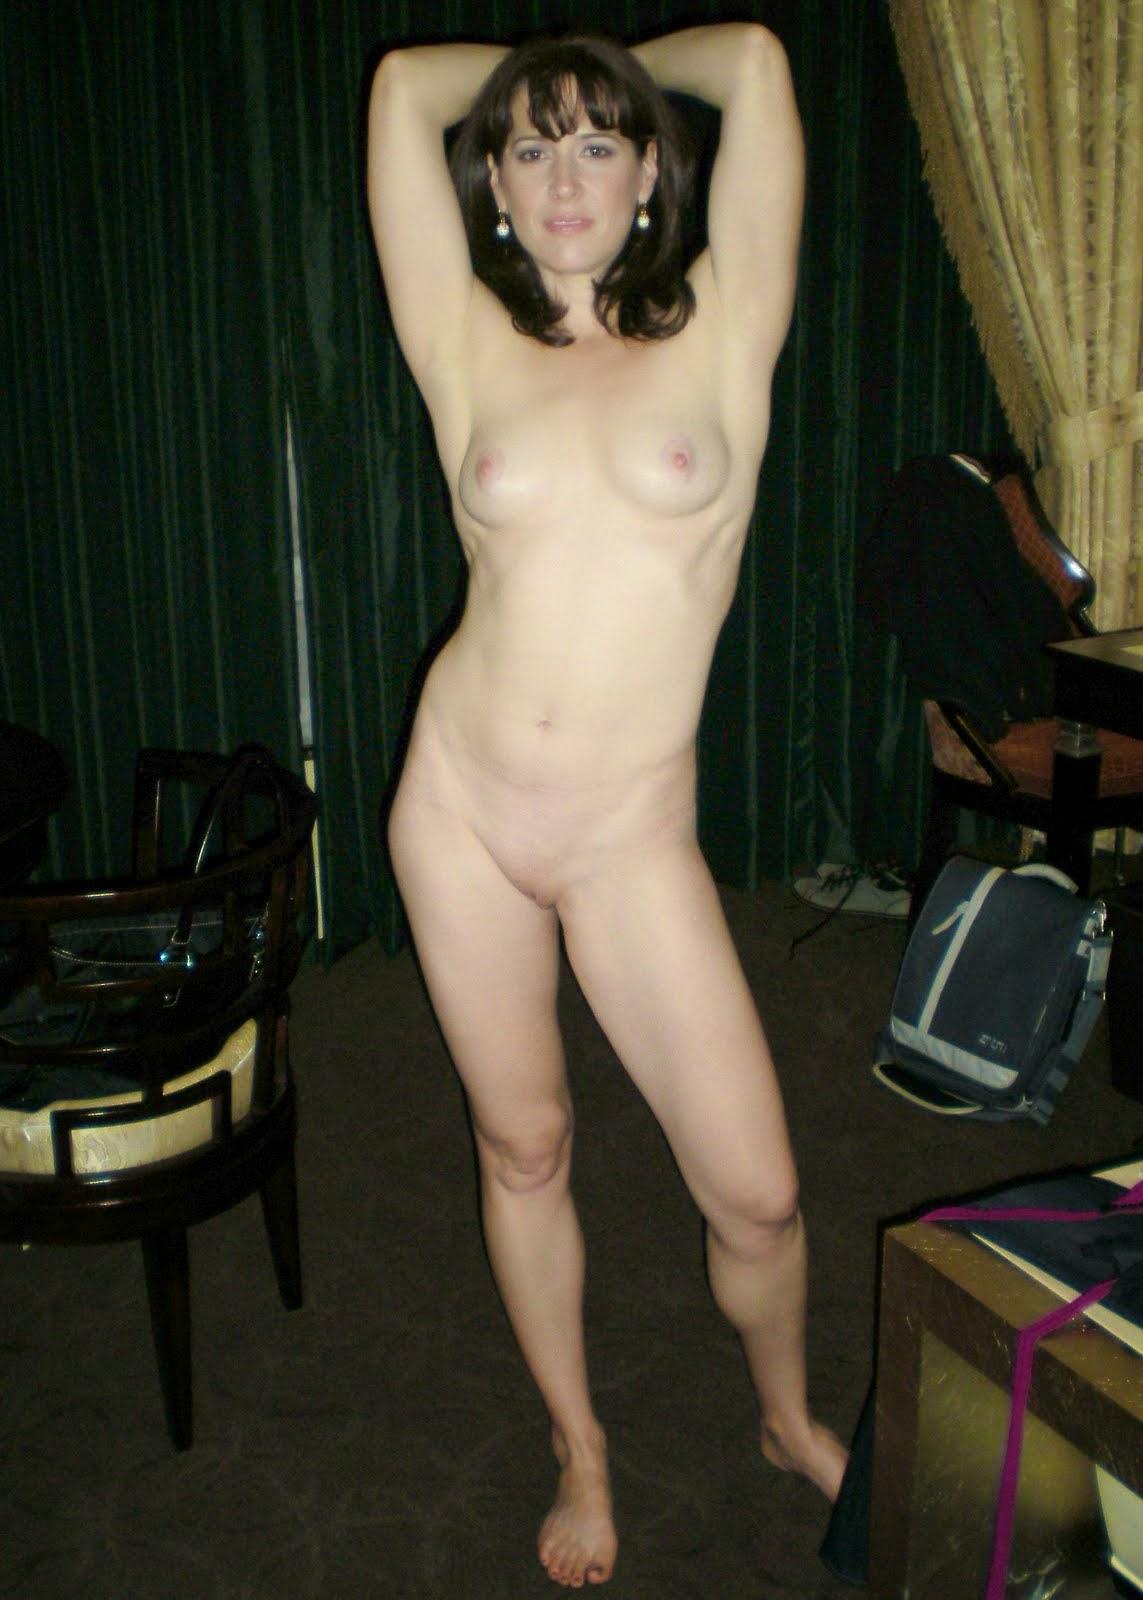 голая жена позирует фото